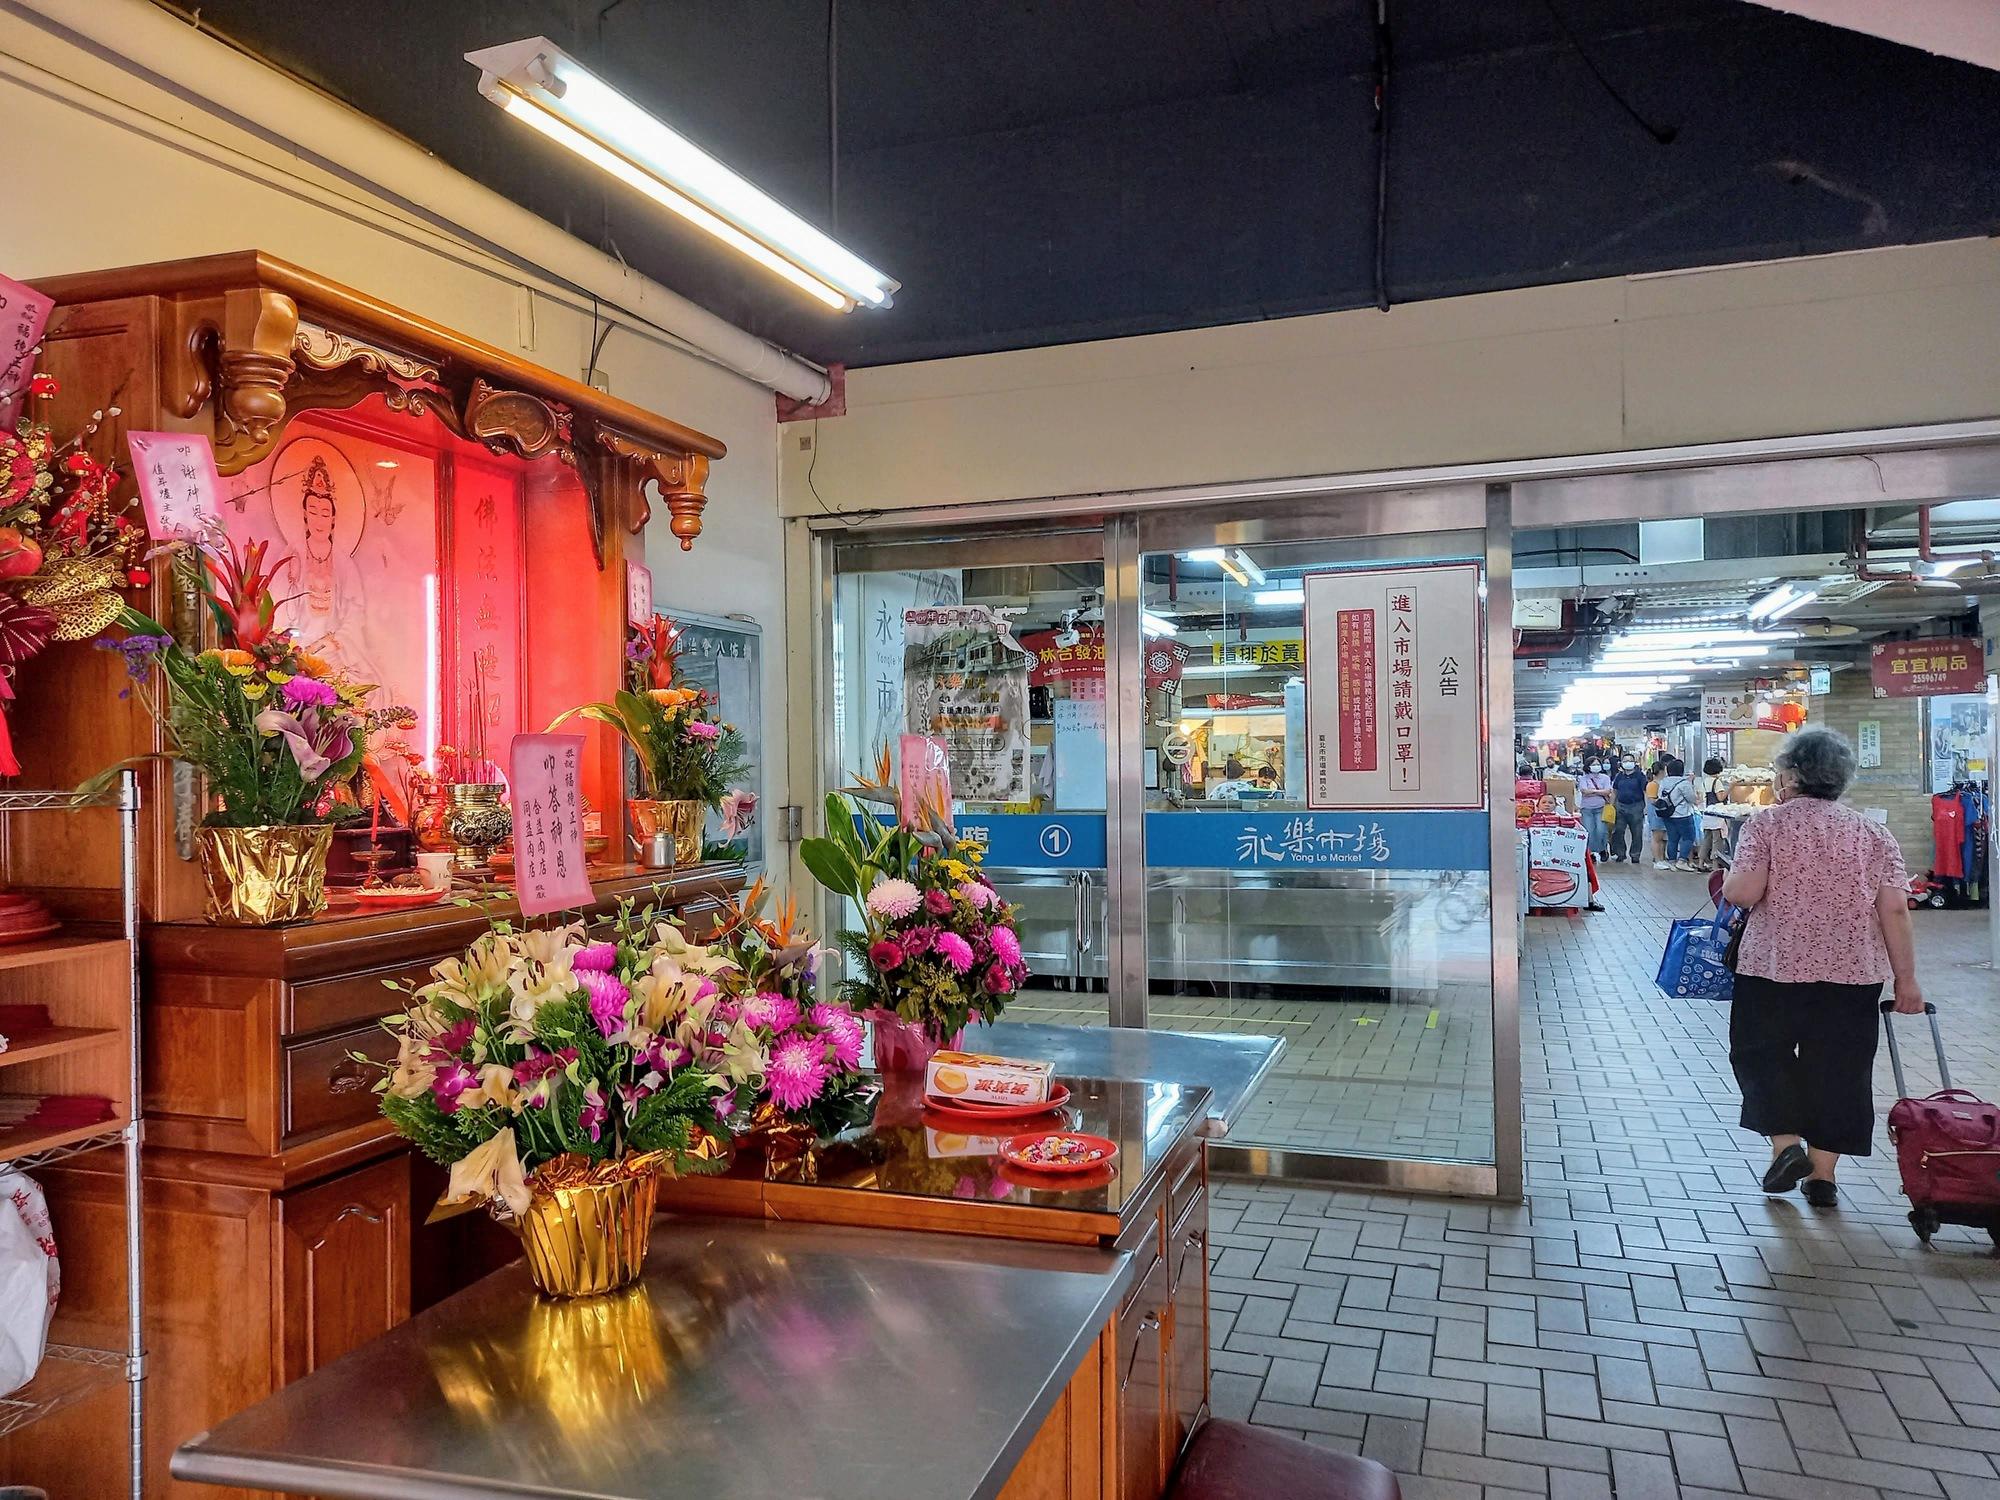 Yongle Market, Dihua St. Dadaocheng, 永樂市場, 大稻埕 迪化街